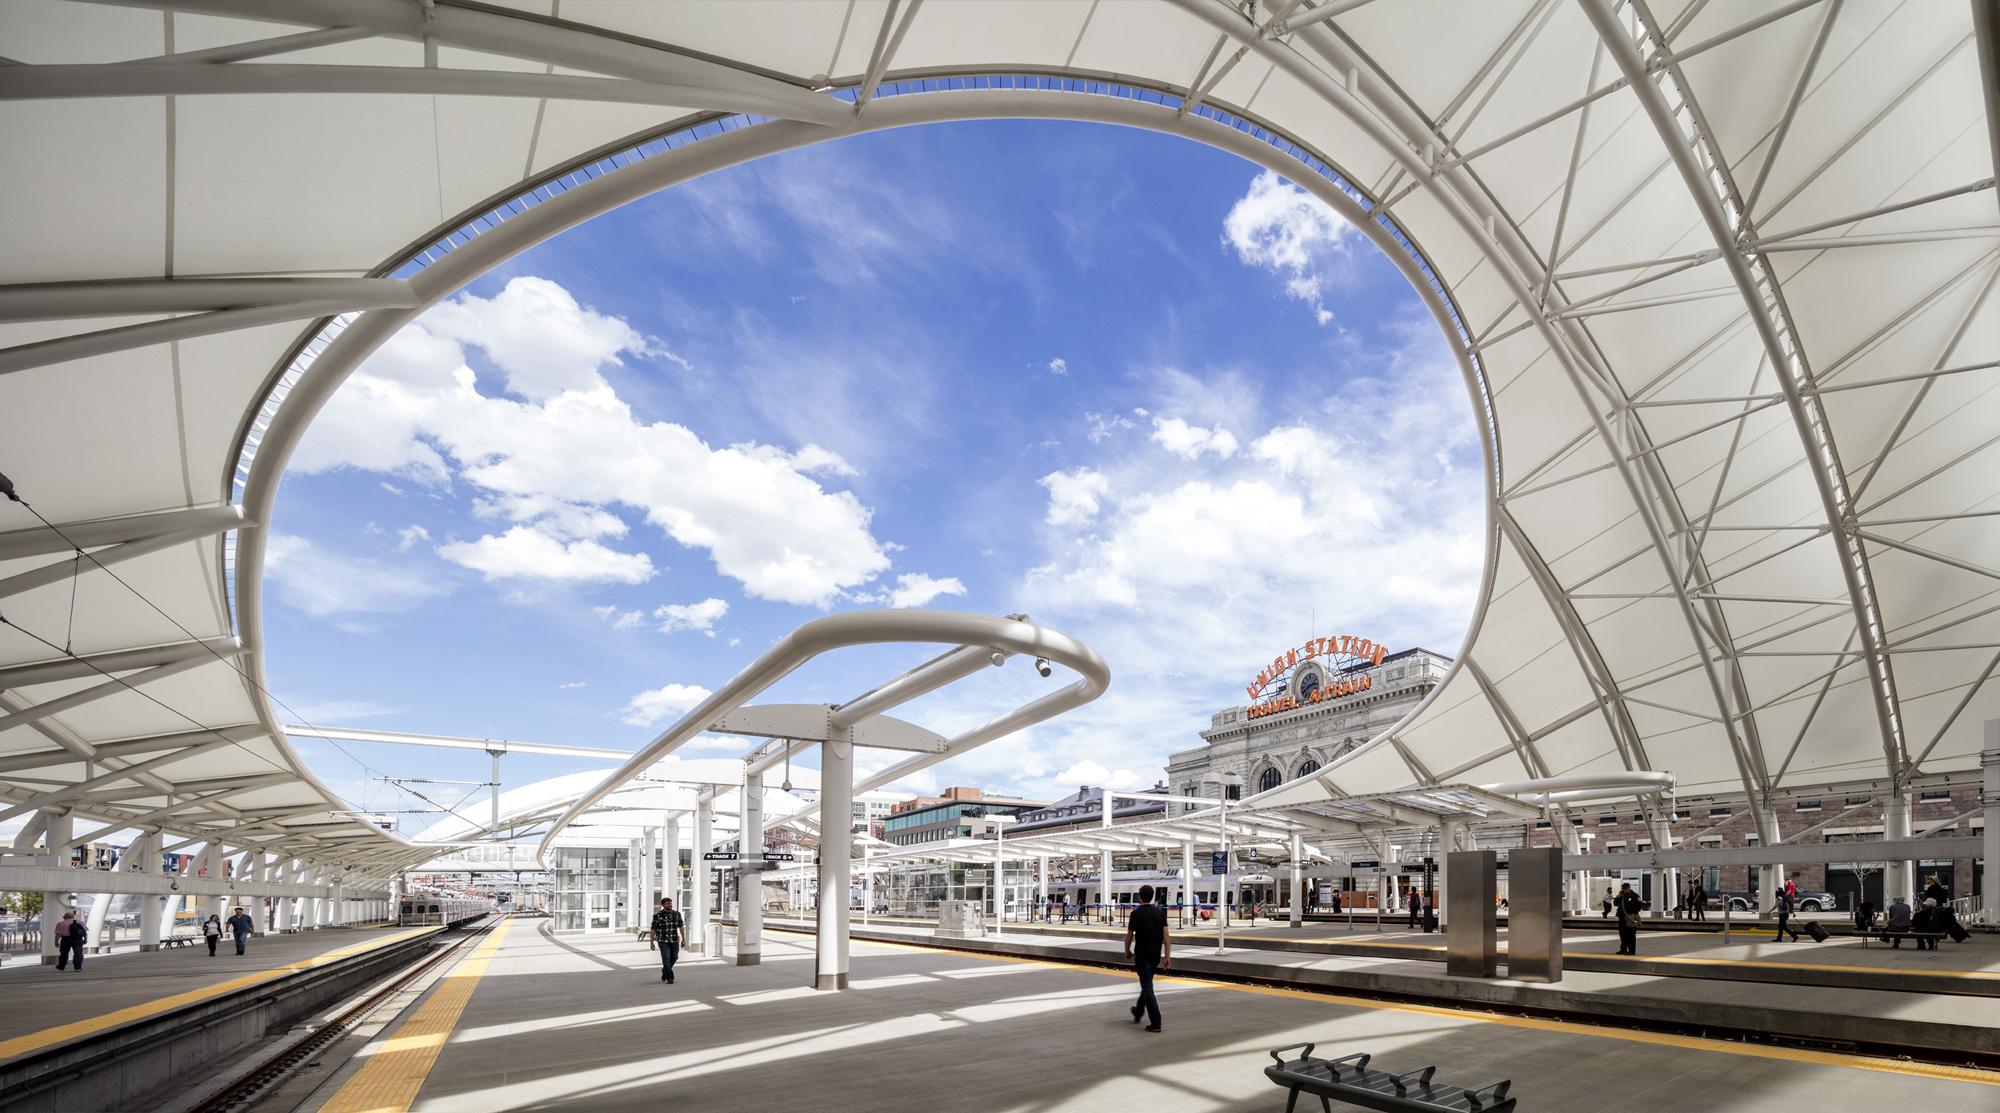 DenverUnionStation_002.jpg